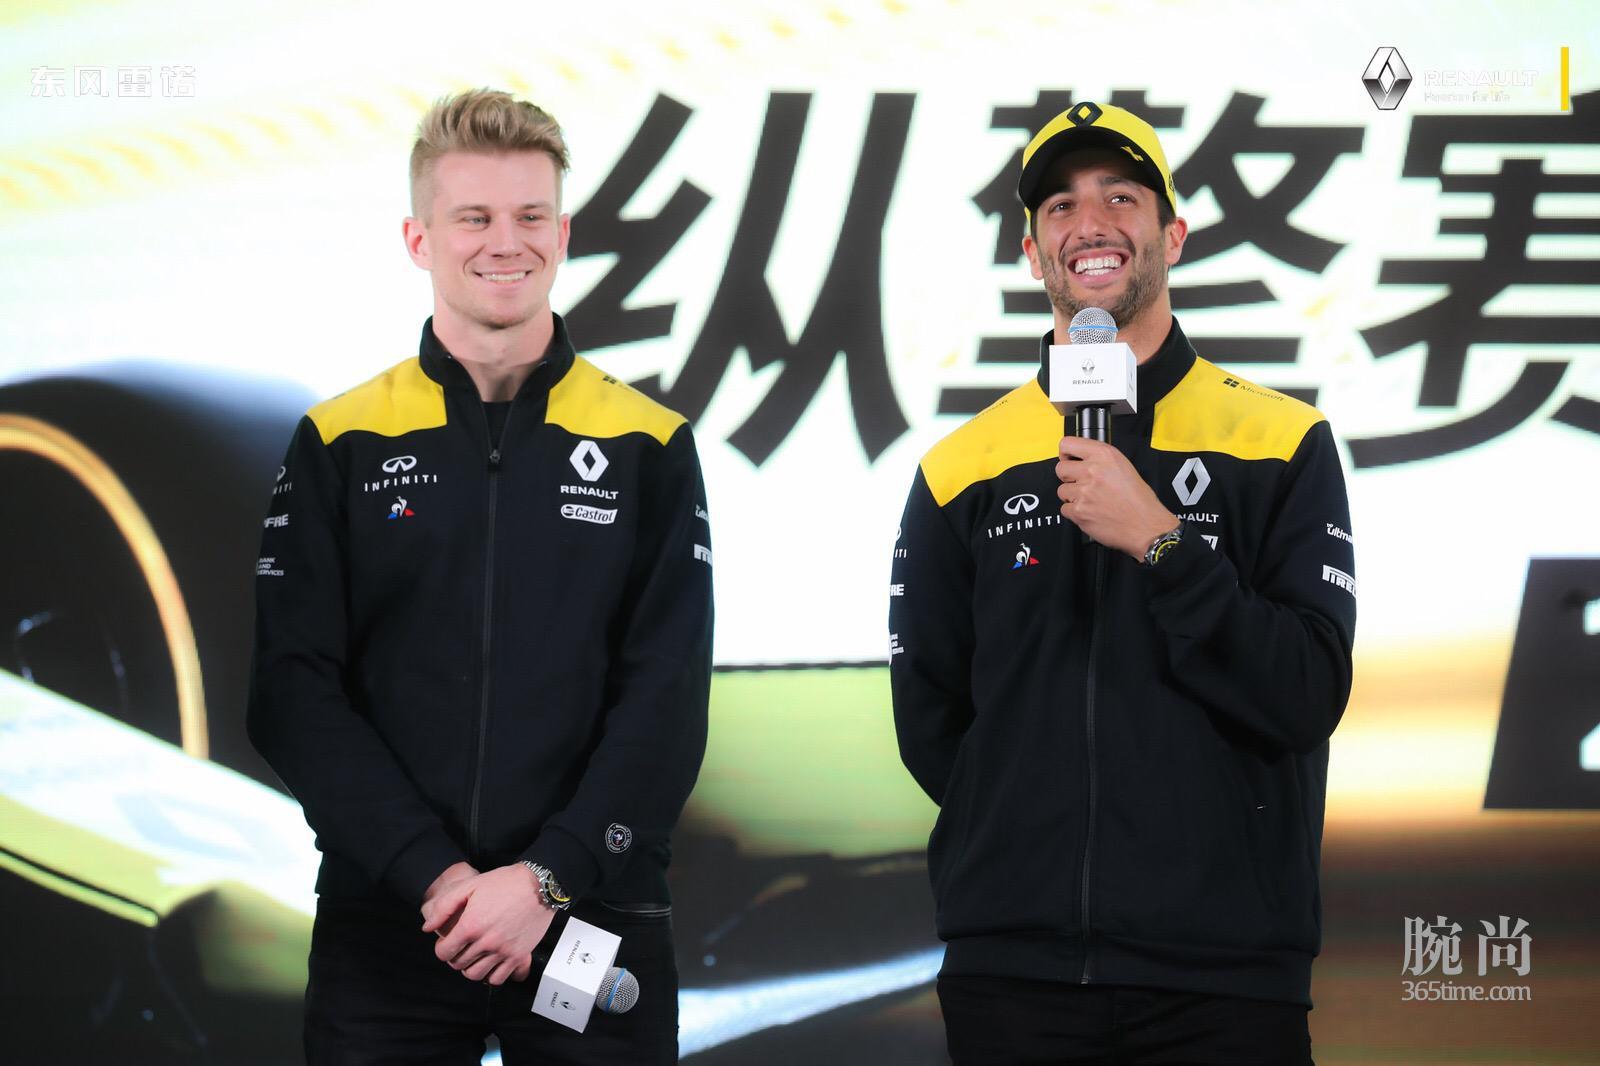 雷诺F1车队赛车手 尼古拉斯__霍肯伯格 和丹尼尔__里卡多.jpg